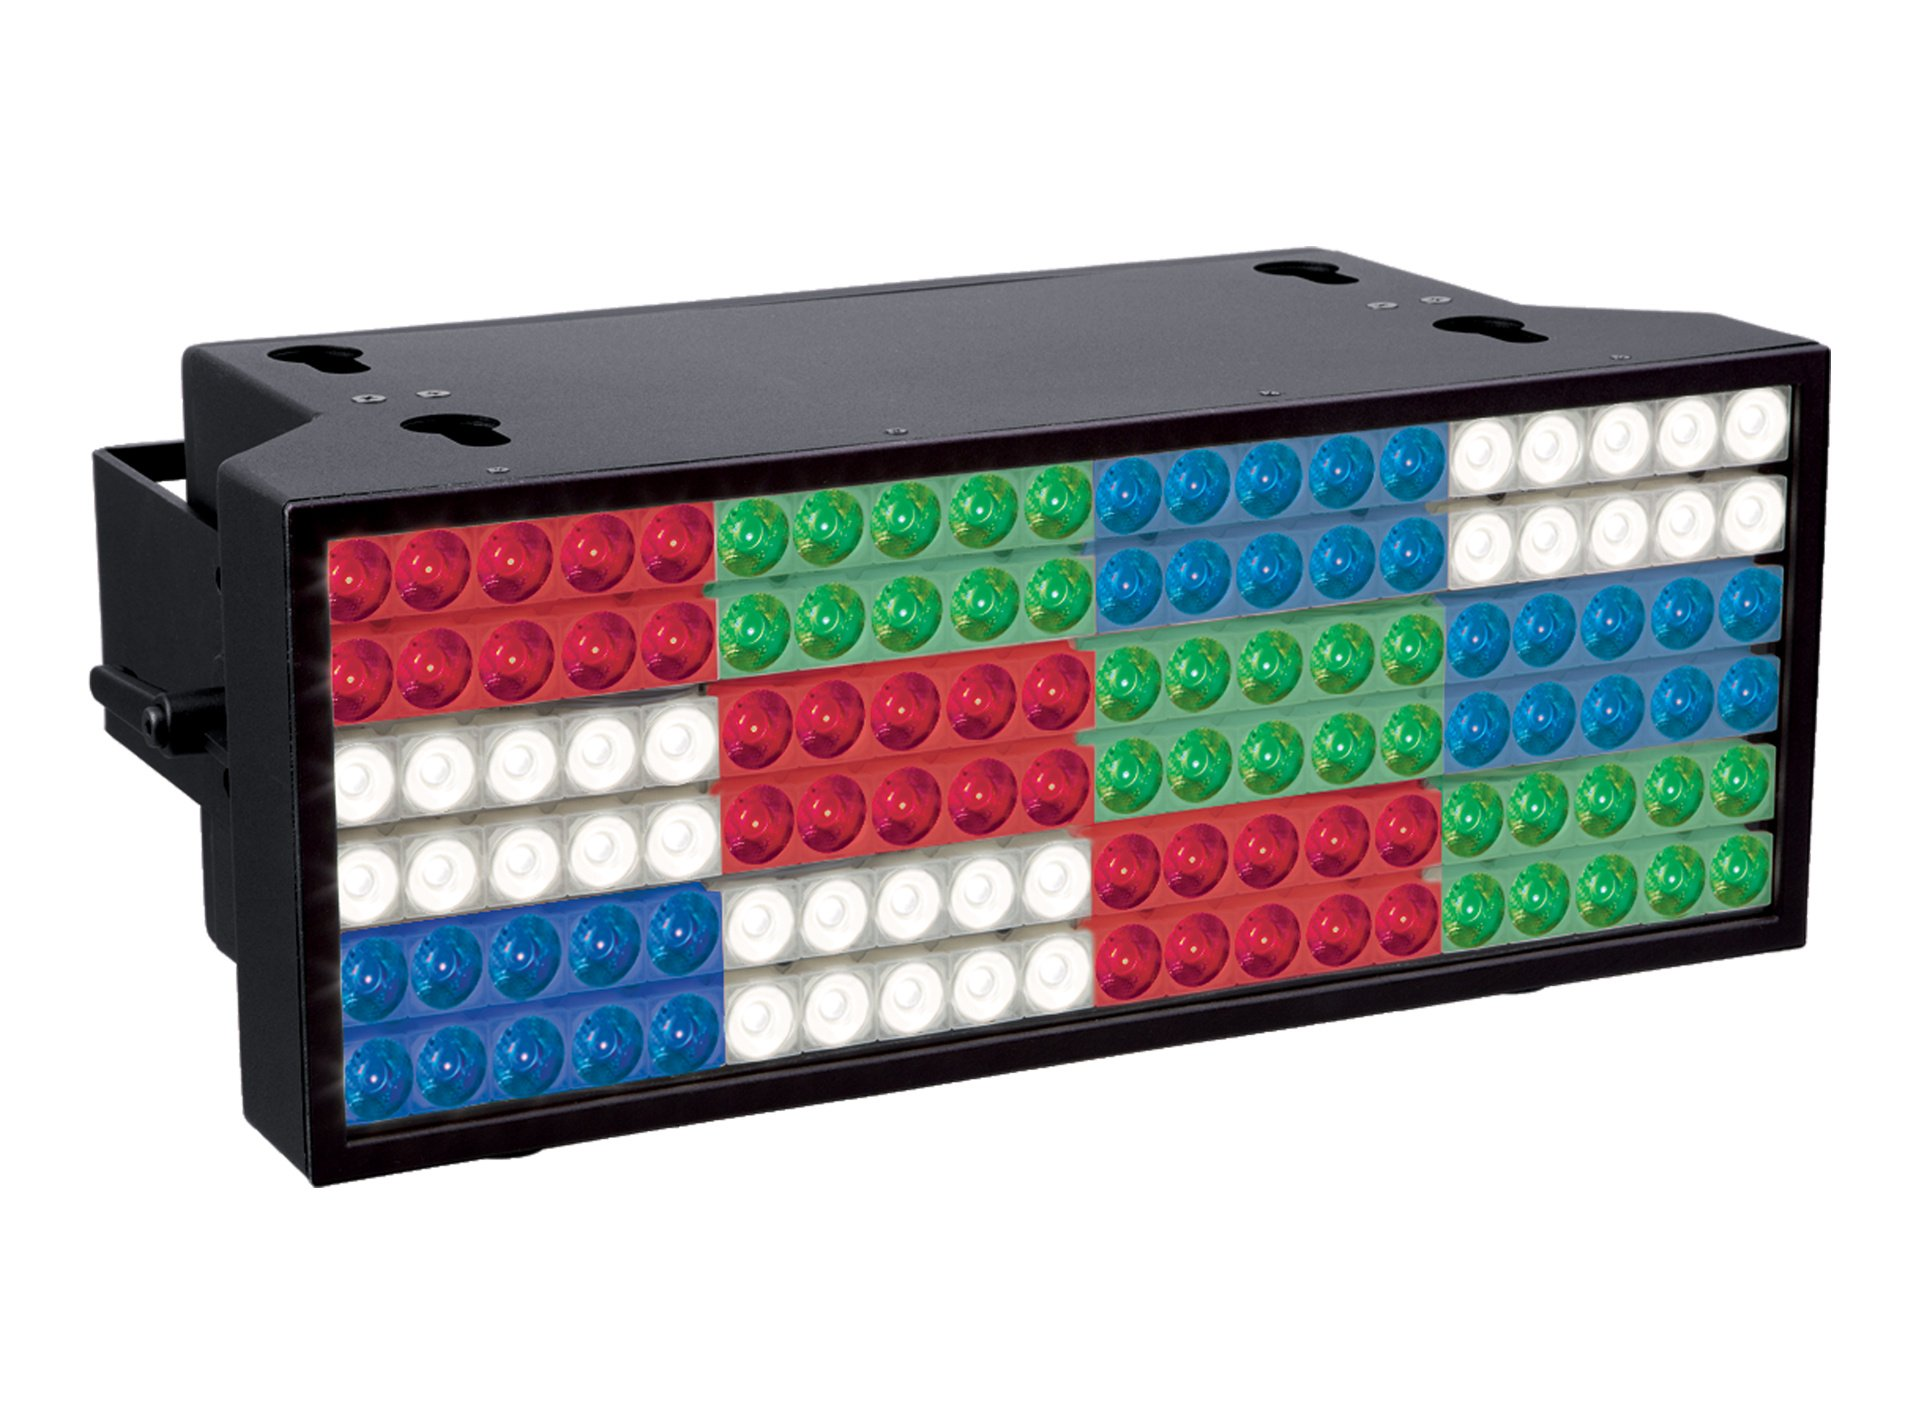 120x RGBW LED Strobe, with 35°-63° Zoom